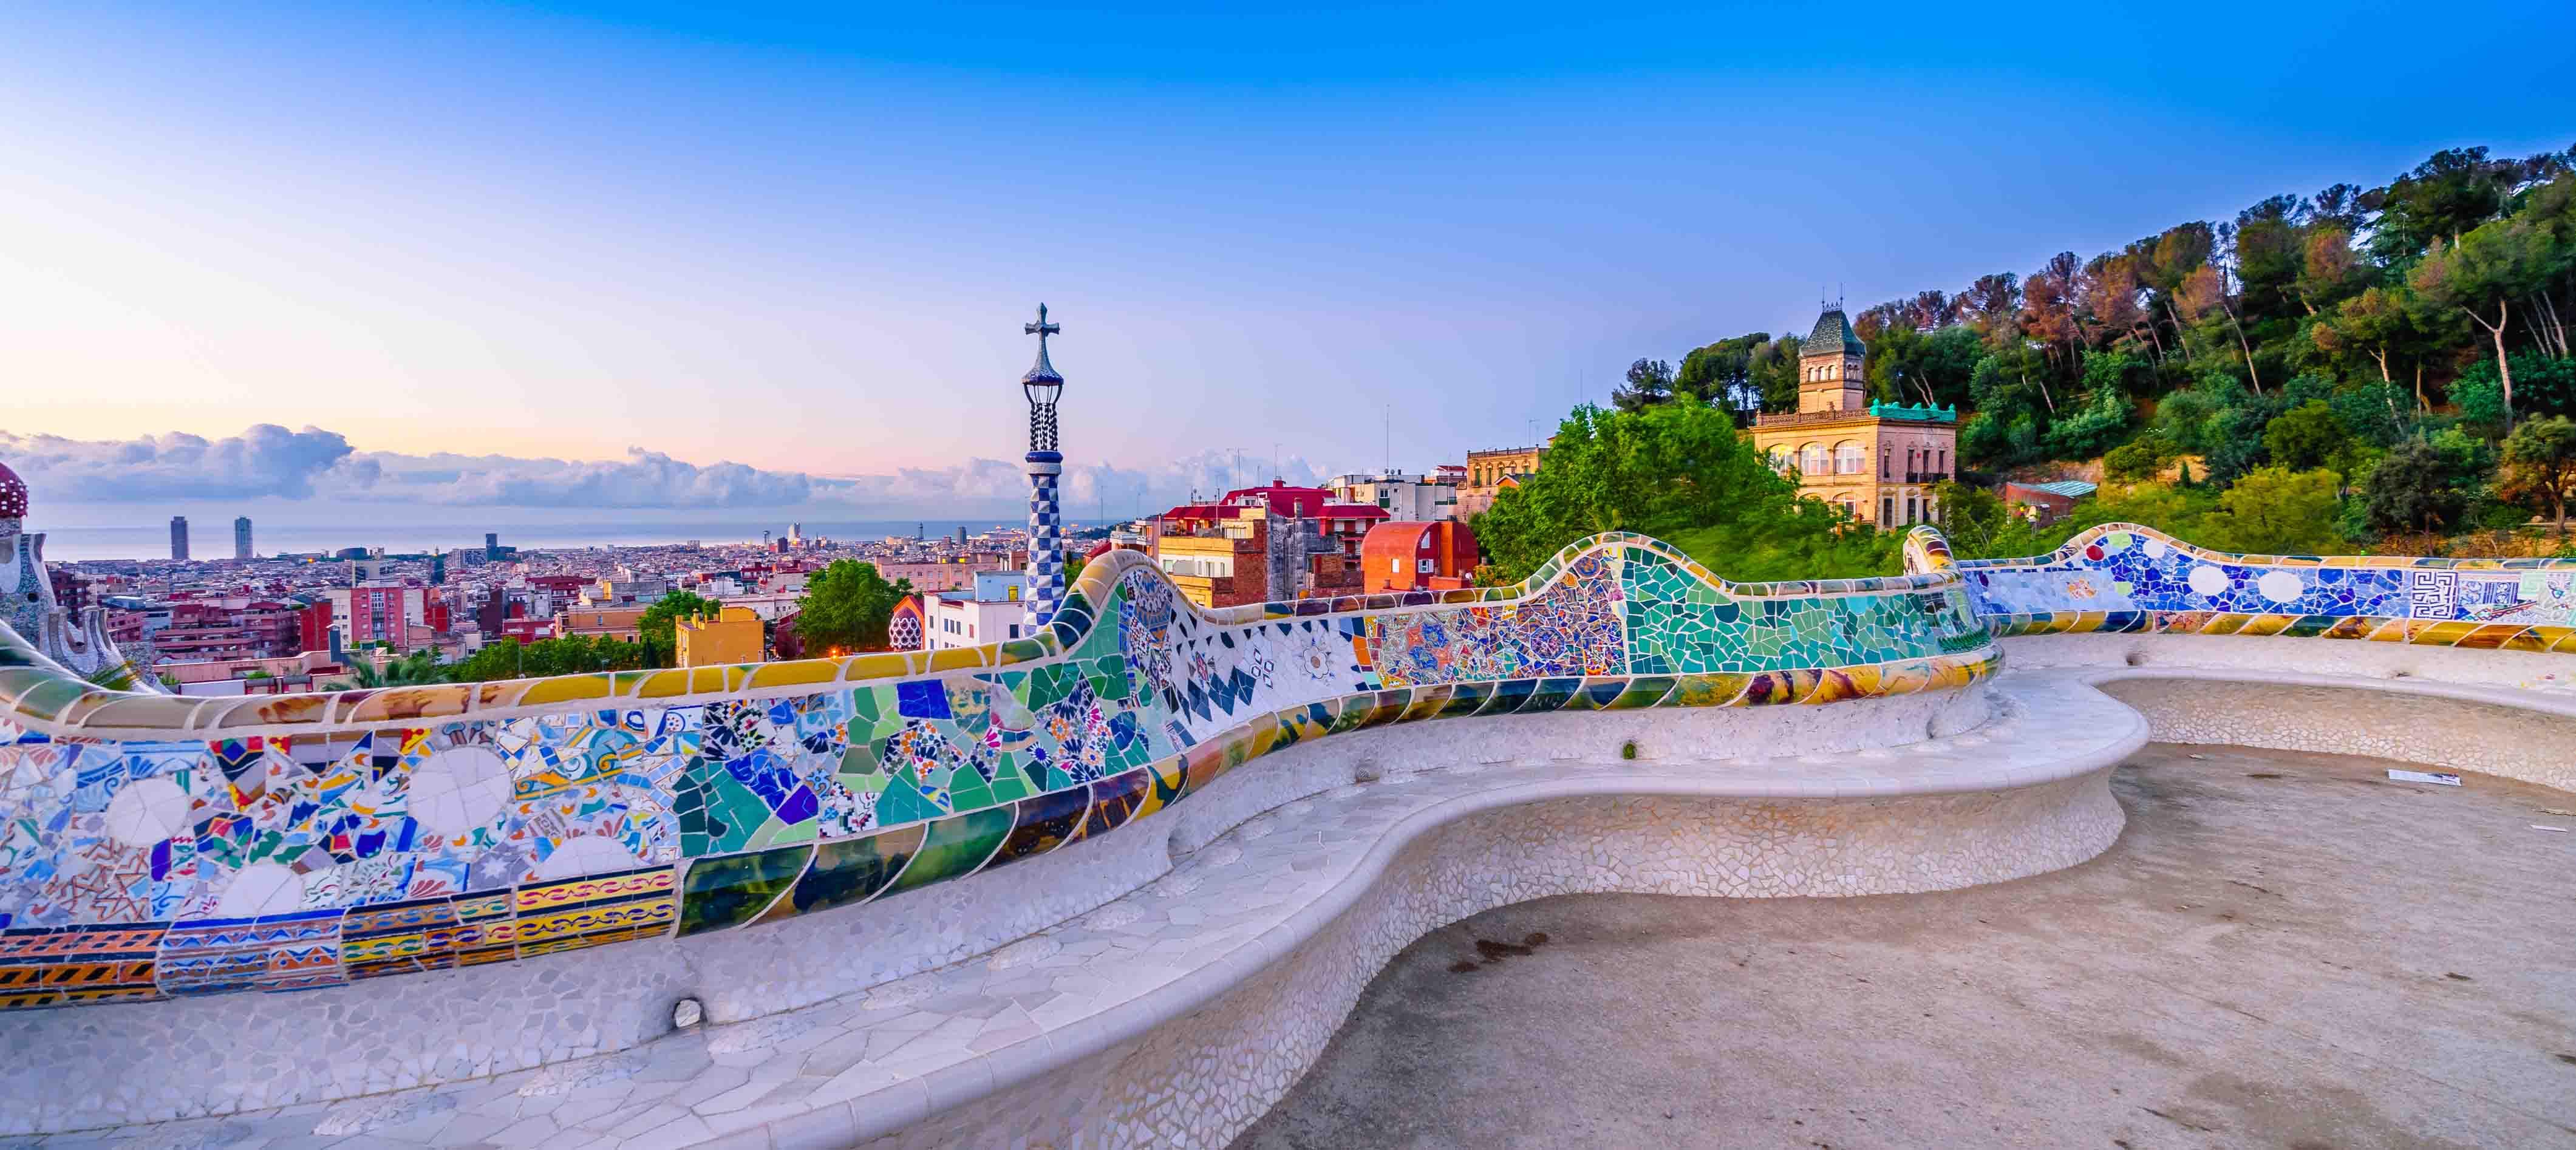 Udsigten over Barcelona i Spanien